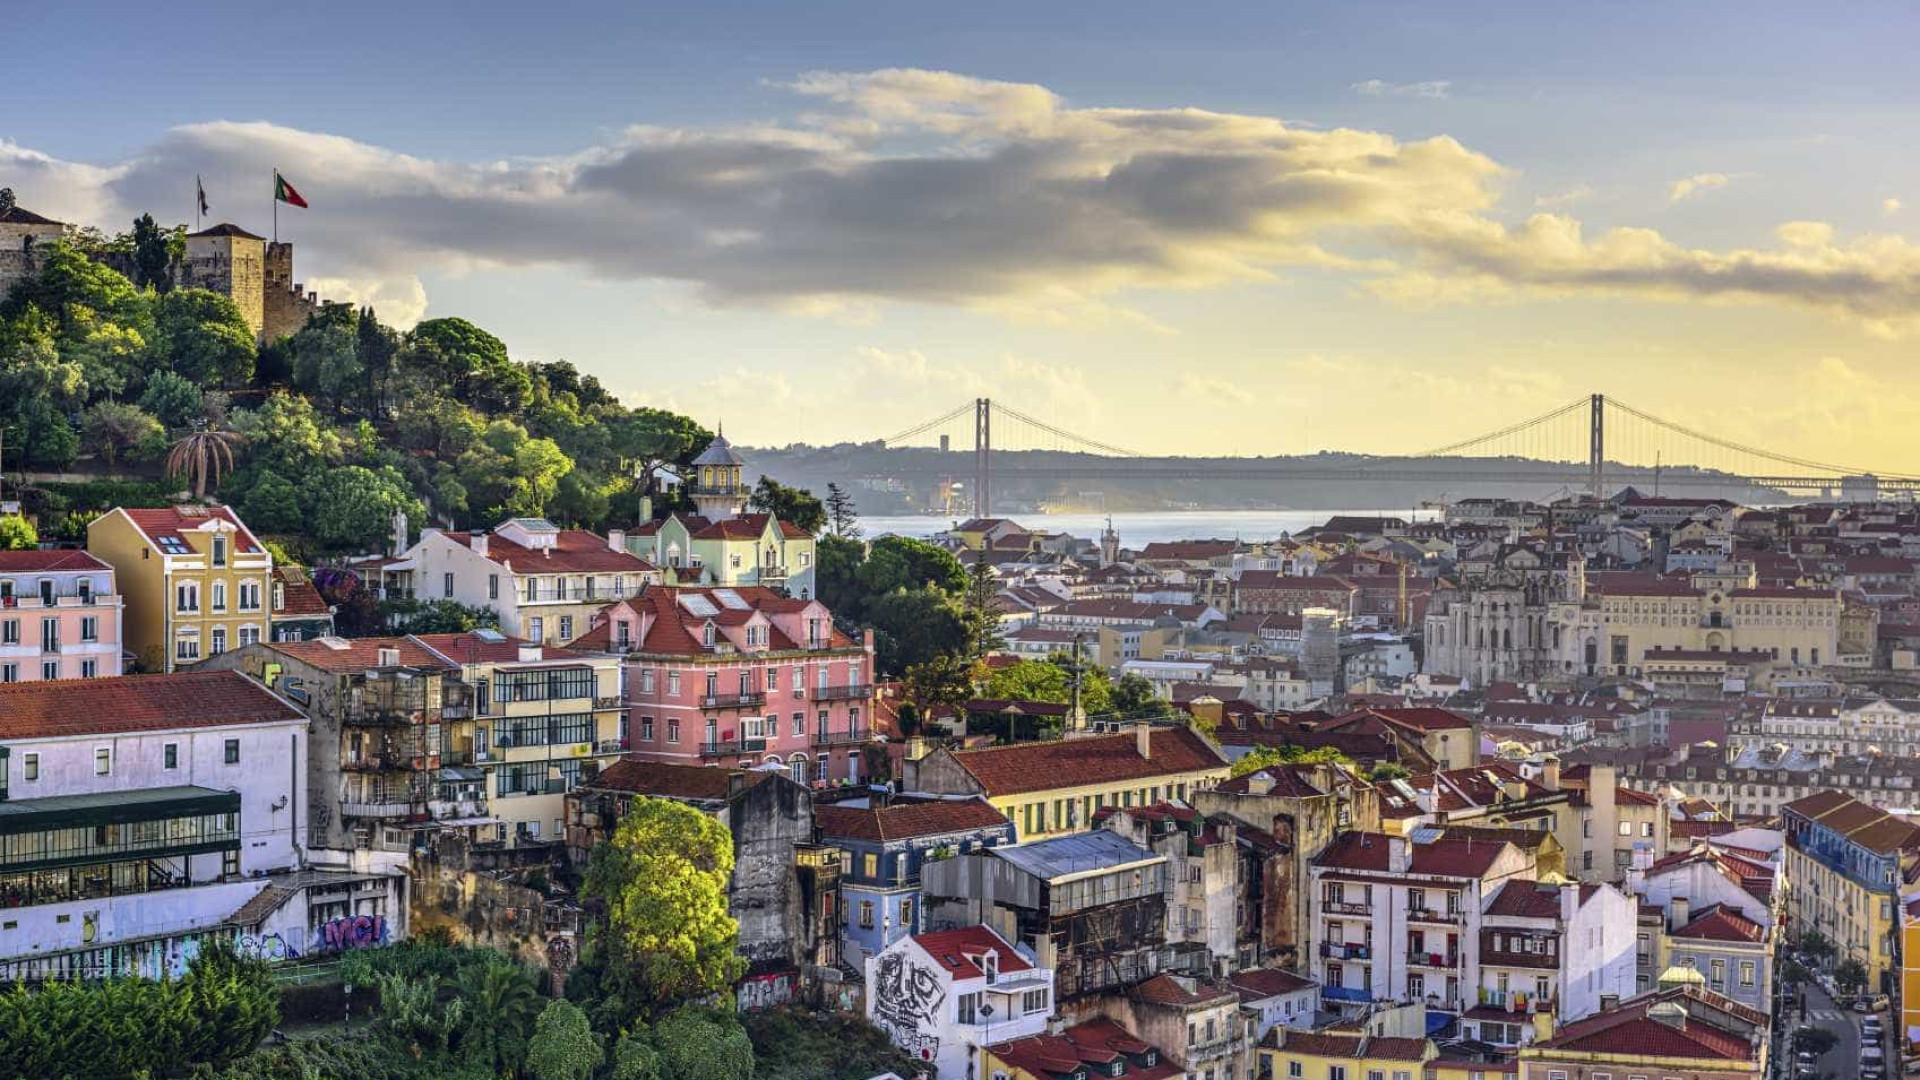 Acessibilidades e comunicação aumentam o interesse turístico de Portugal